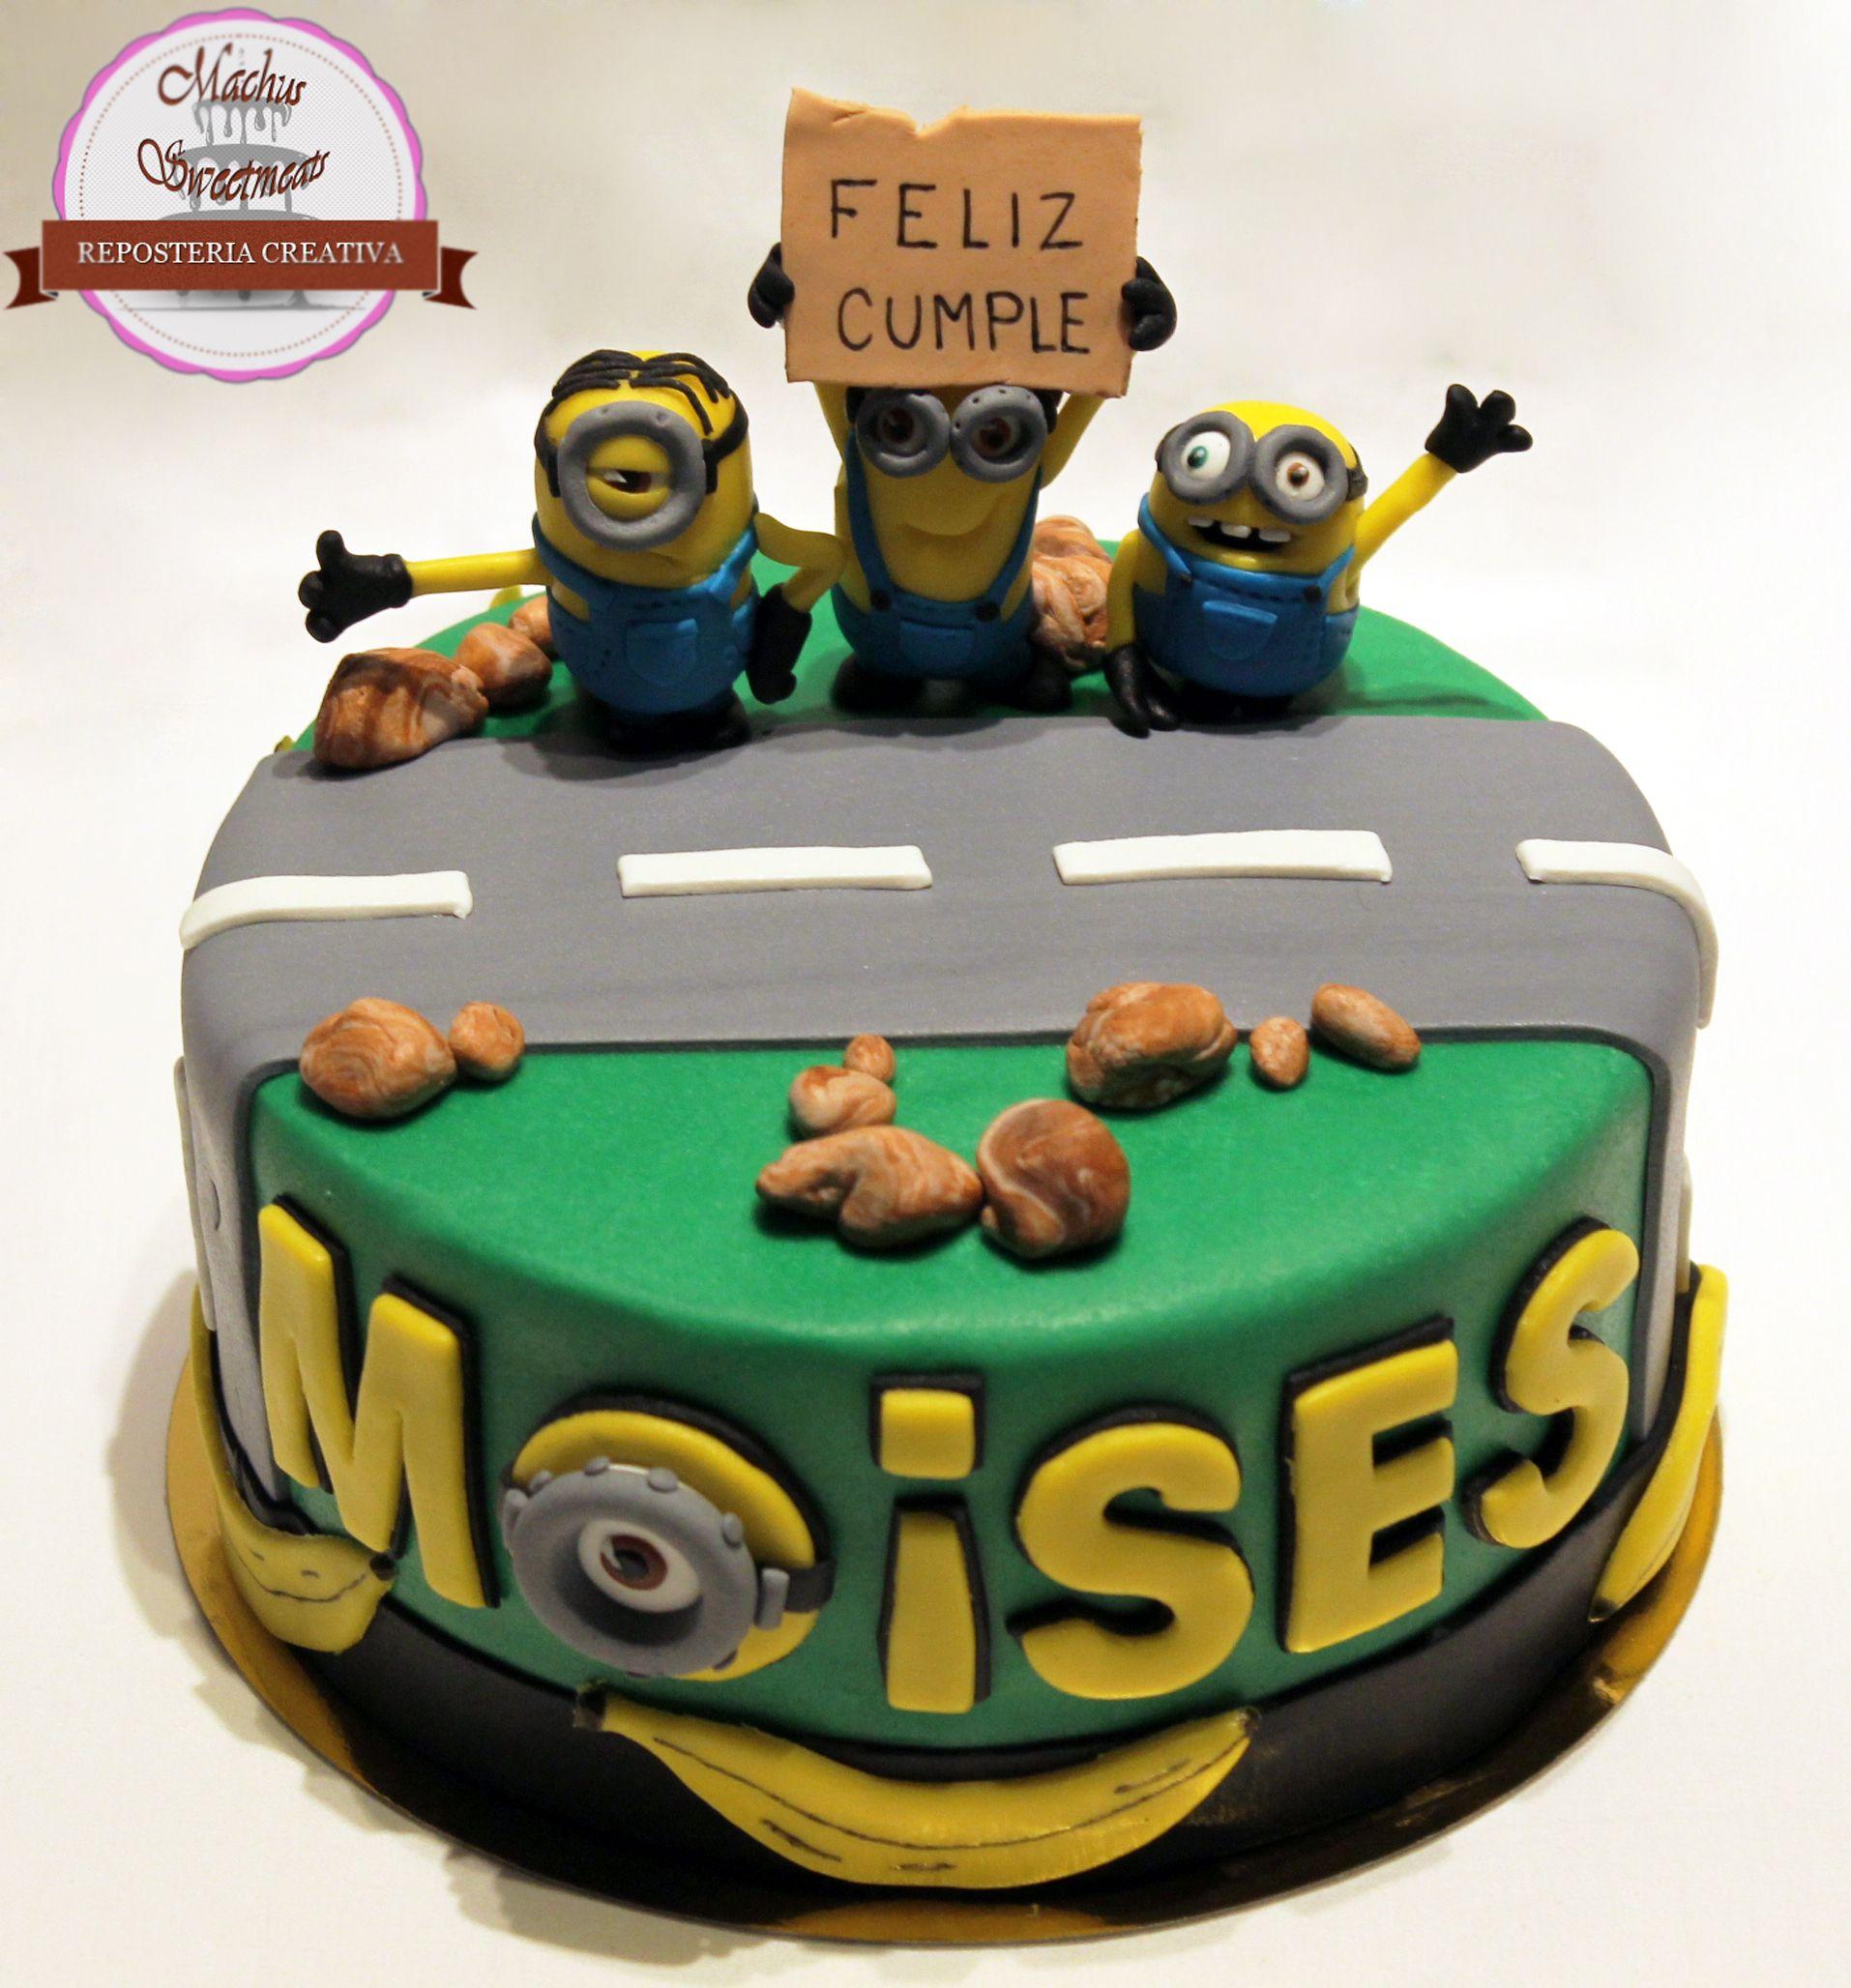 Tarta fondant Minions tarta de los simpáticos minions, inspirada en su ultima película, Sabor